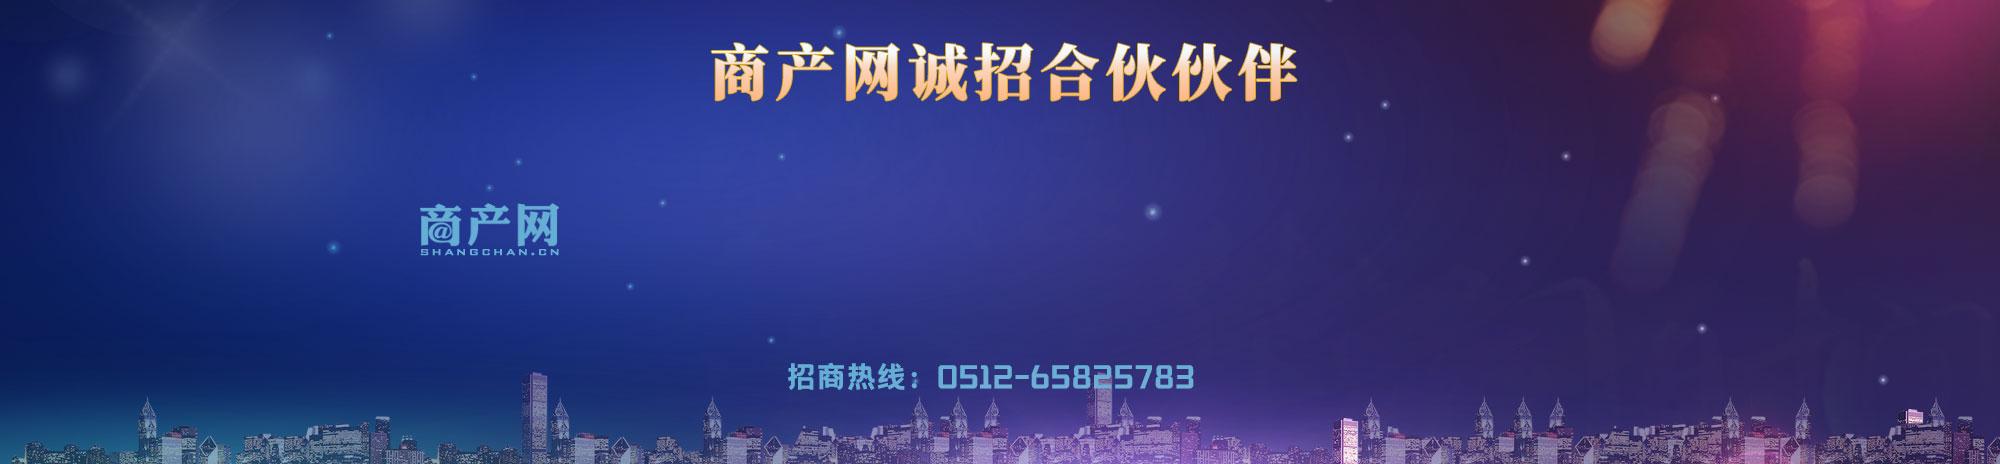 商产网诚招分站合作伙伴